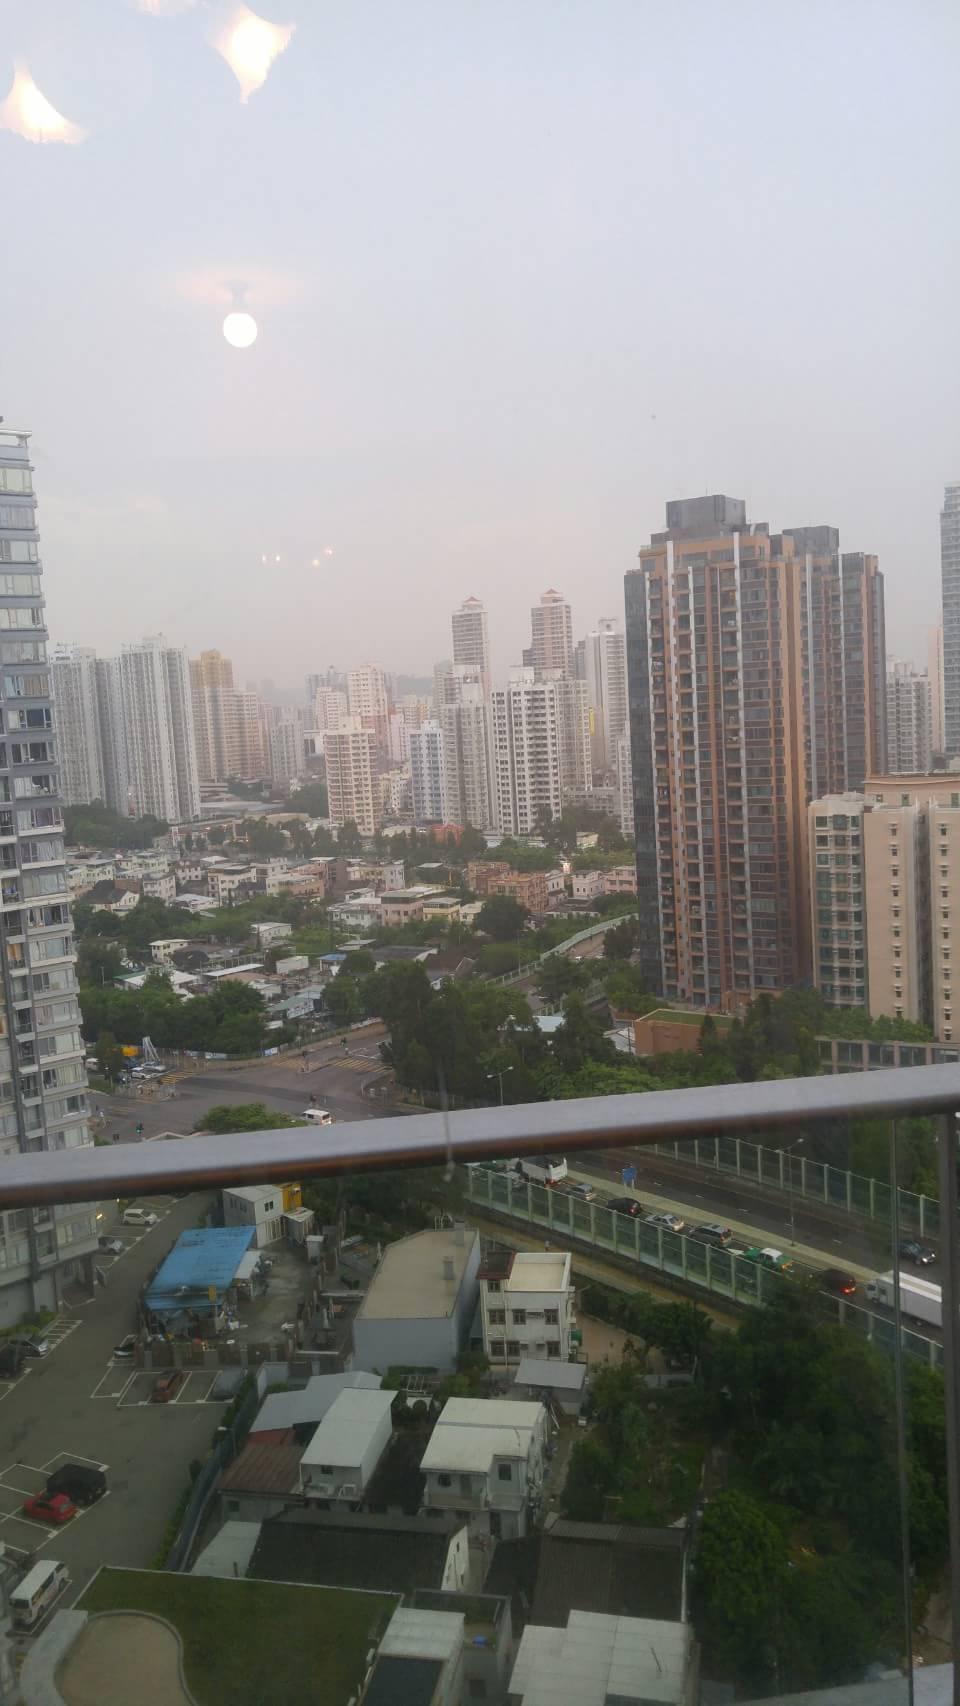 元朗大熱🔥尚悅2房高層連露台🔥 景觀開揚🌅半新樓🏢